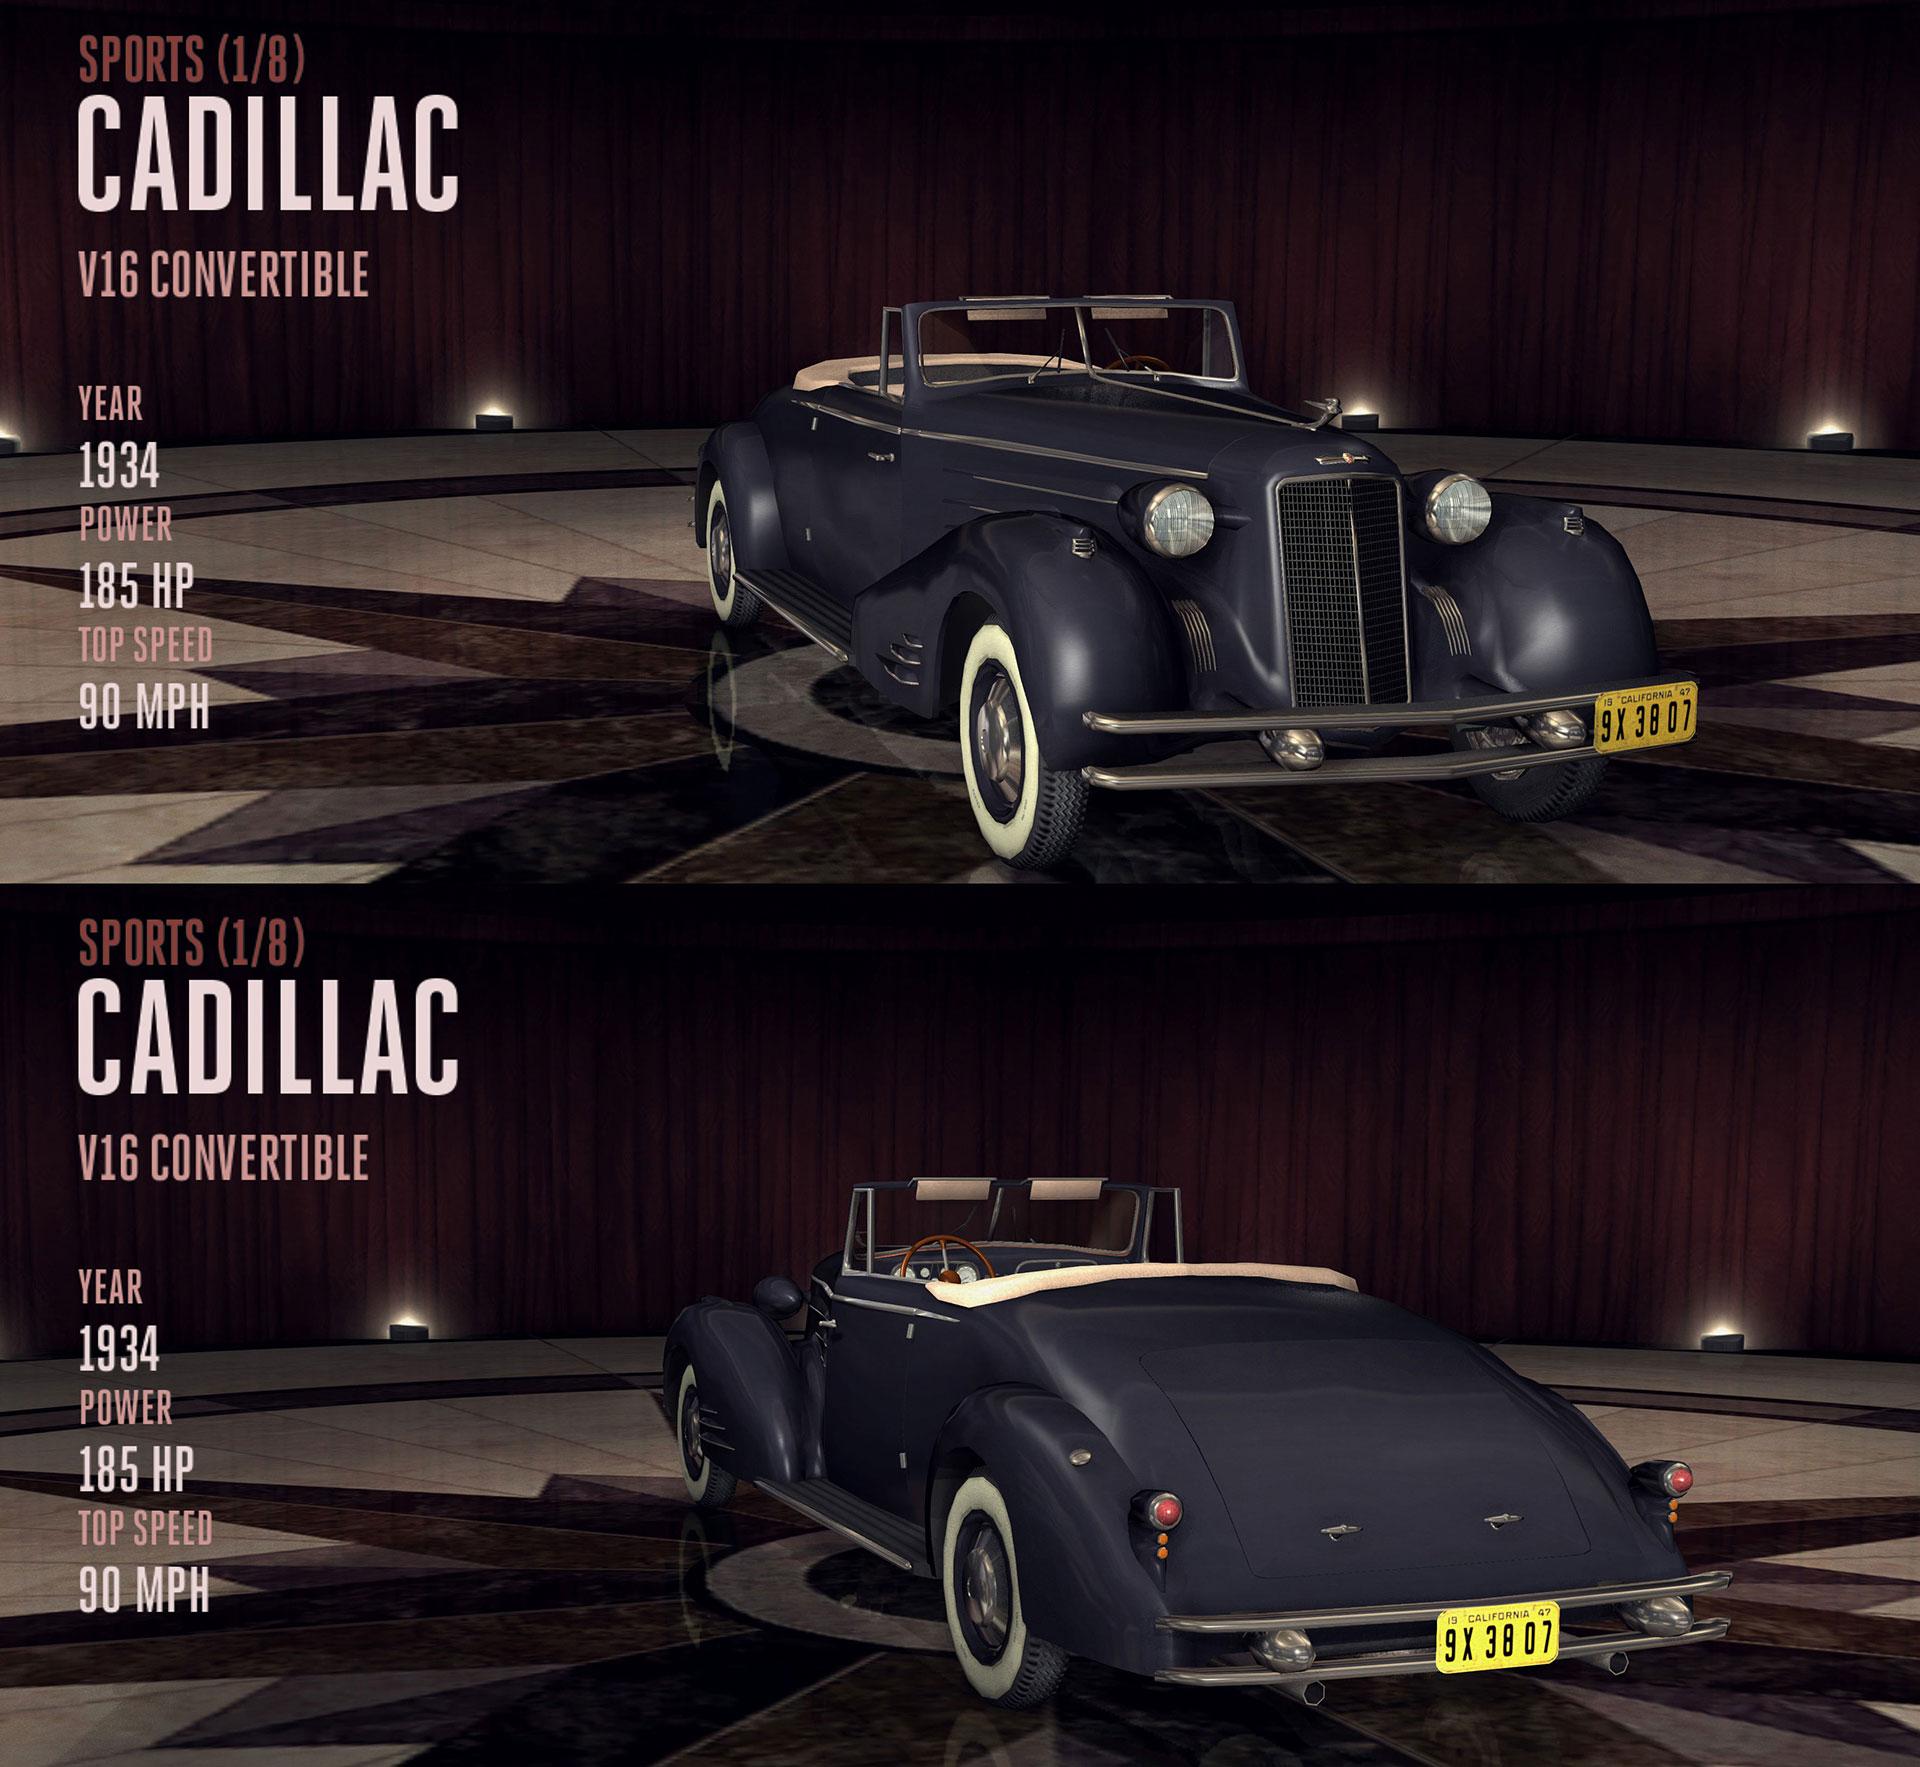 Archivo:1934-cadillac-v16-convertible.jpg